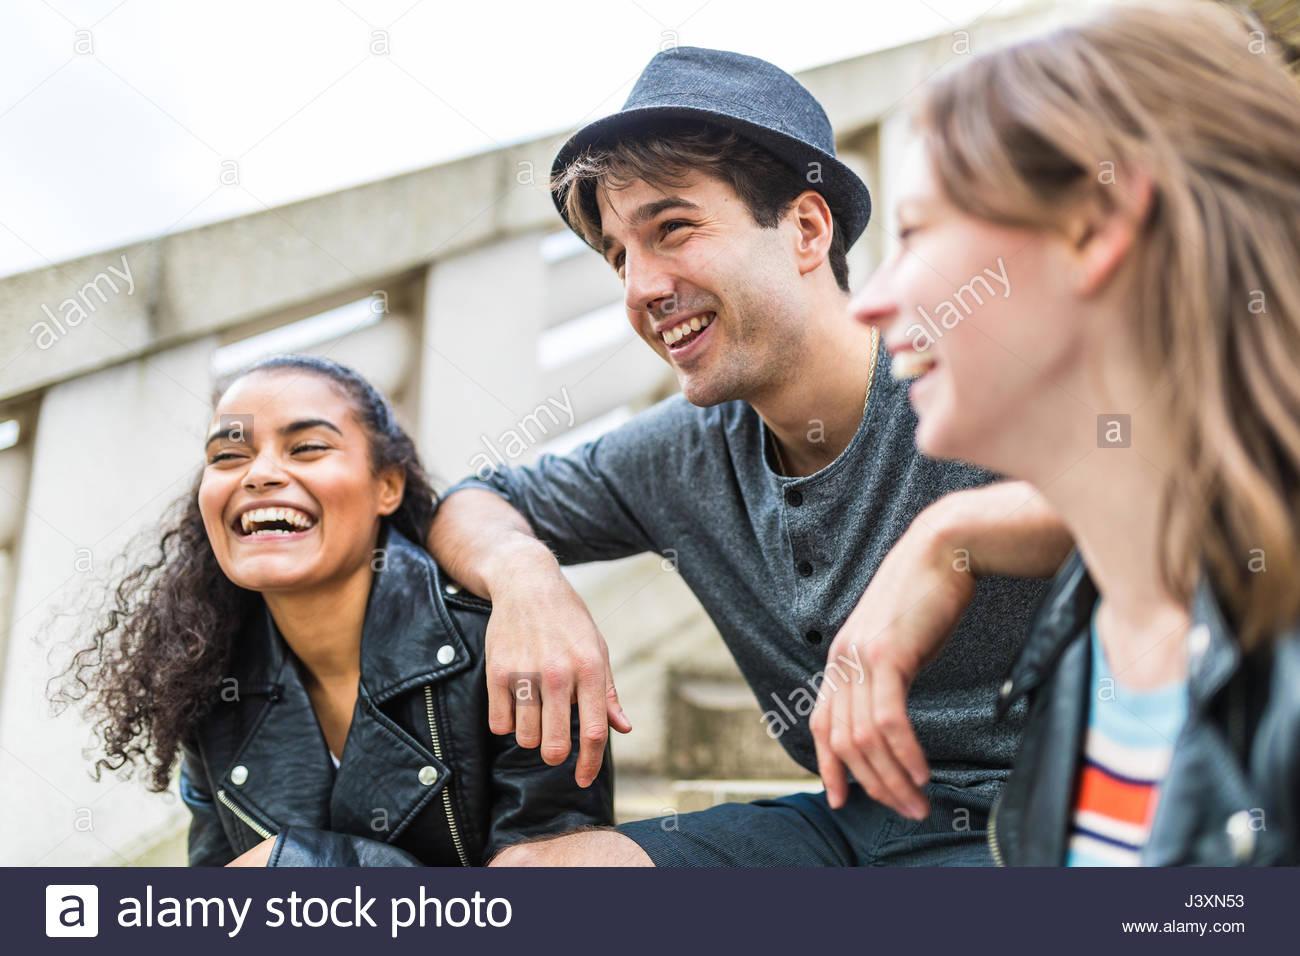 Tre giovani amici adulti sulla scalinata chiacchierando in Battersea Park Immagini Stock